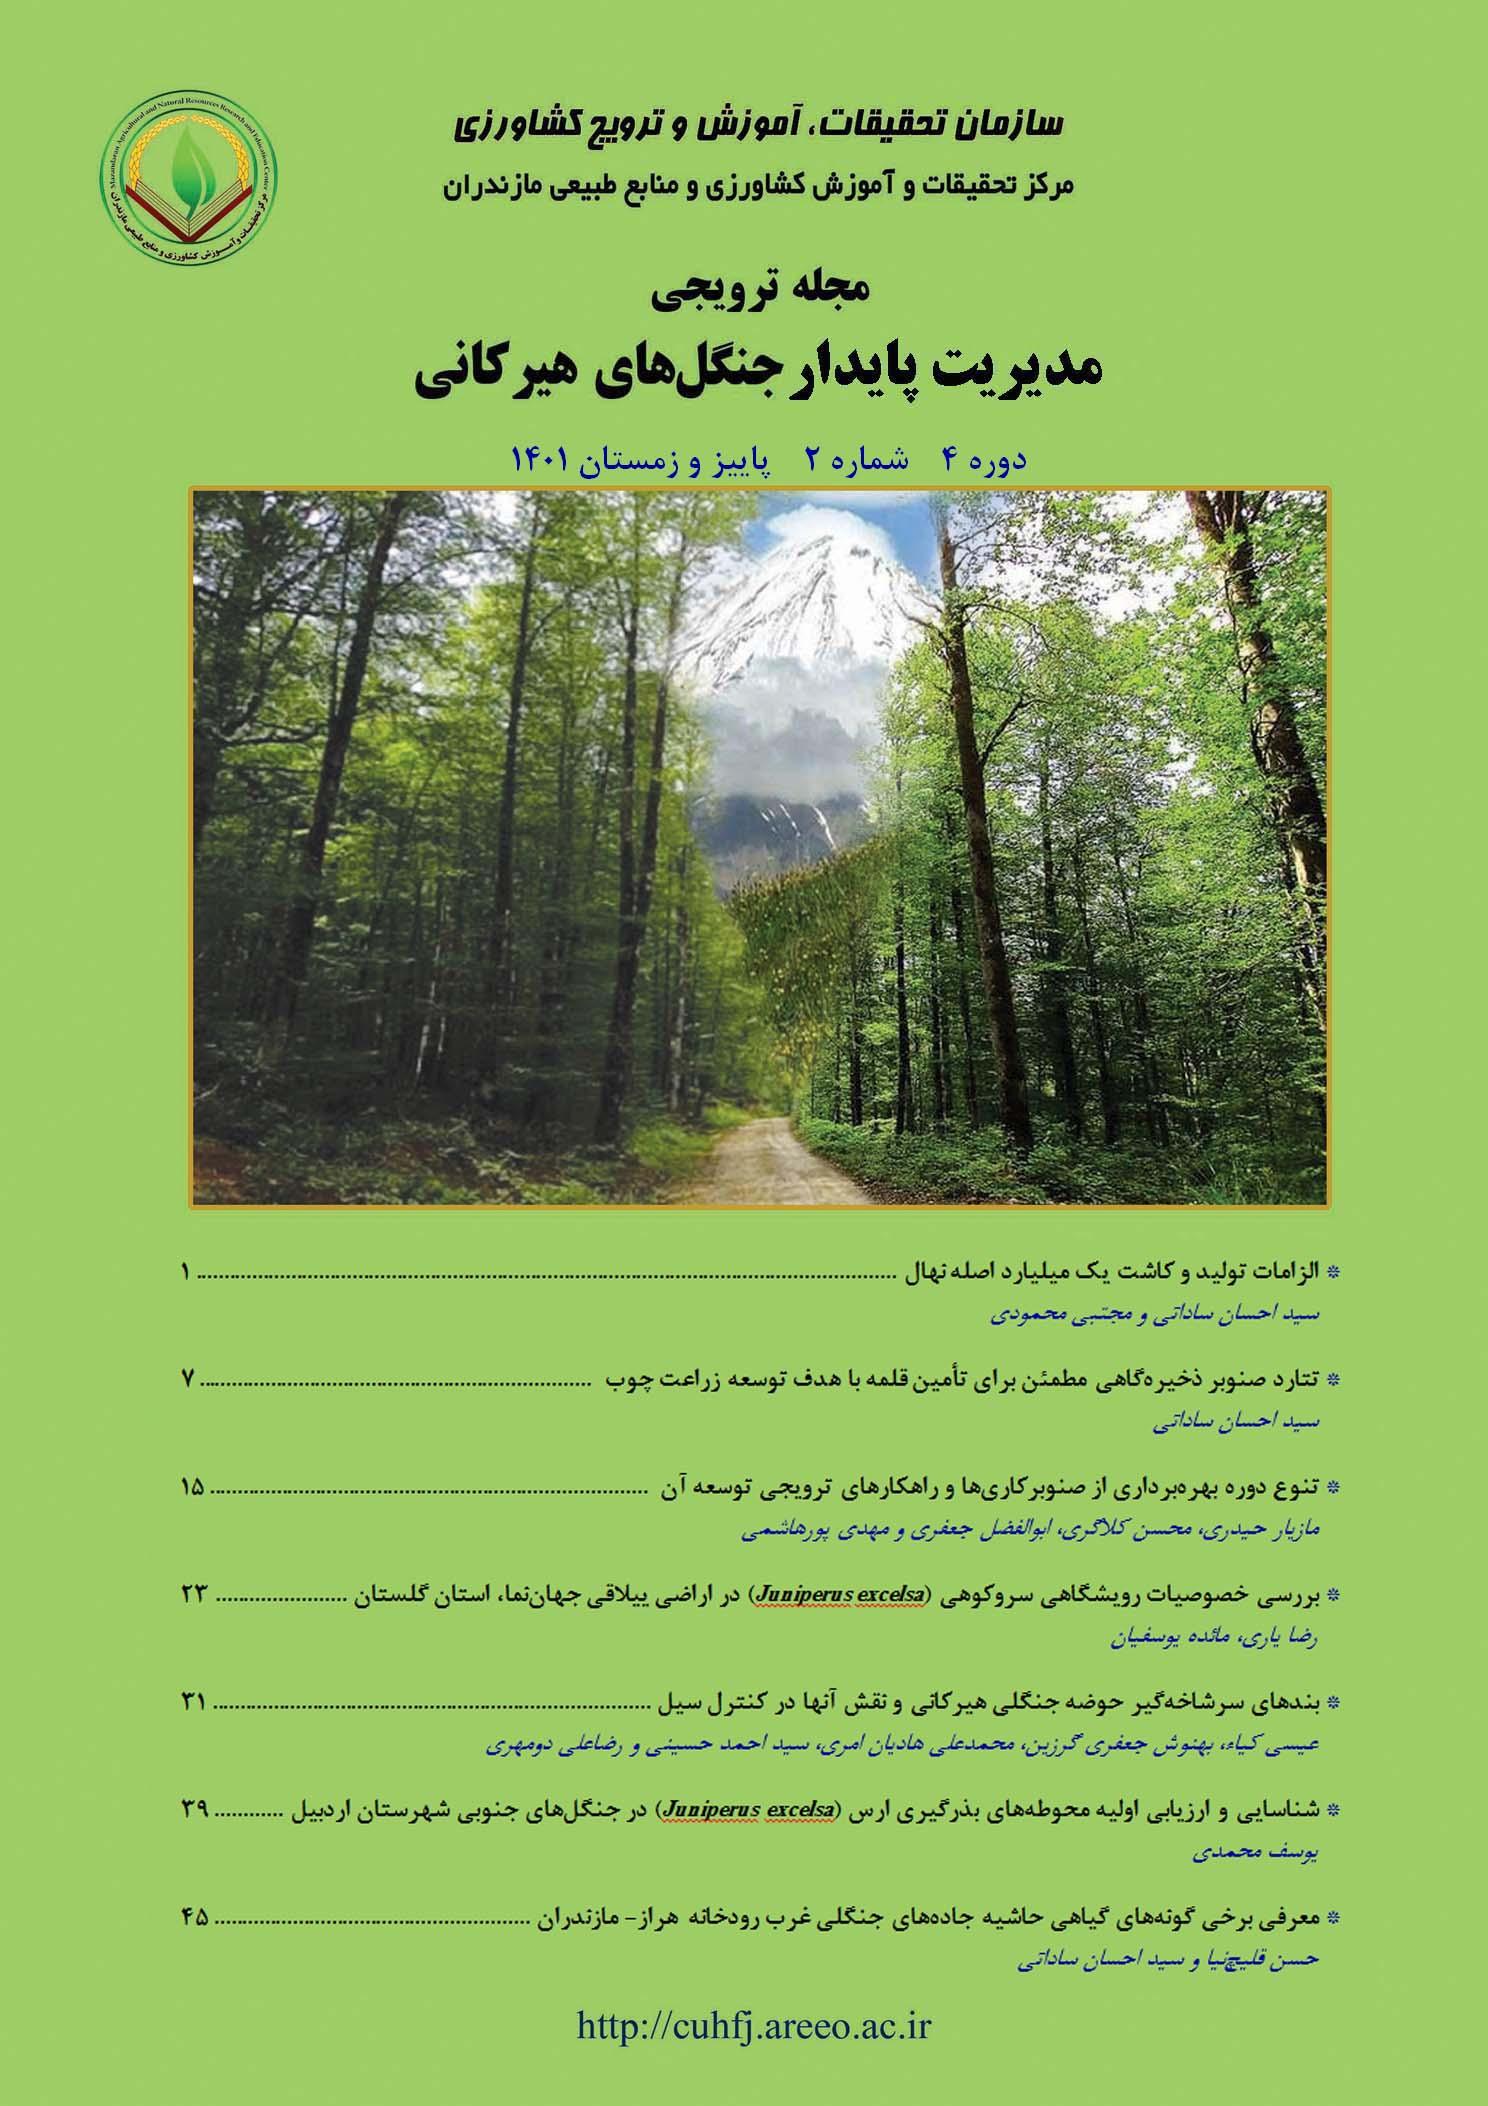 حفاظت و بهره برداری جنگلهای هیرکانی